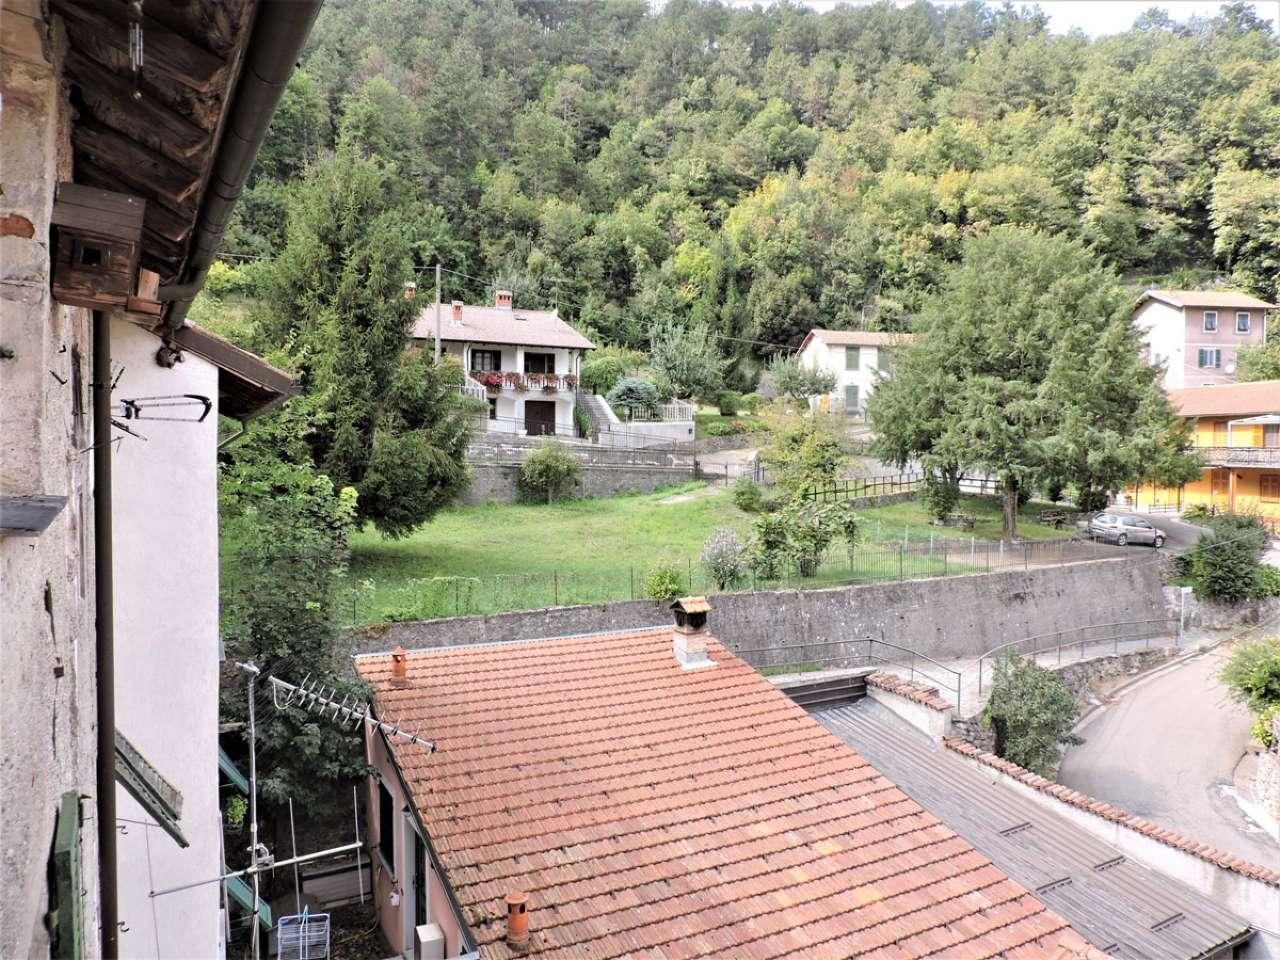 Appartamento in vendita a Voltaggio, 3 locali, prezzo € 15.000 | CambioCasa.it